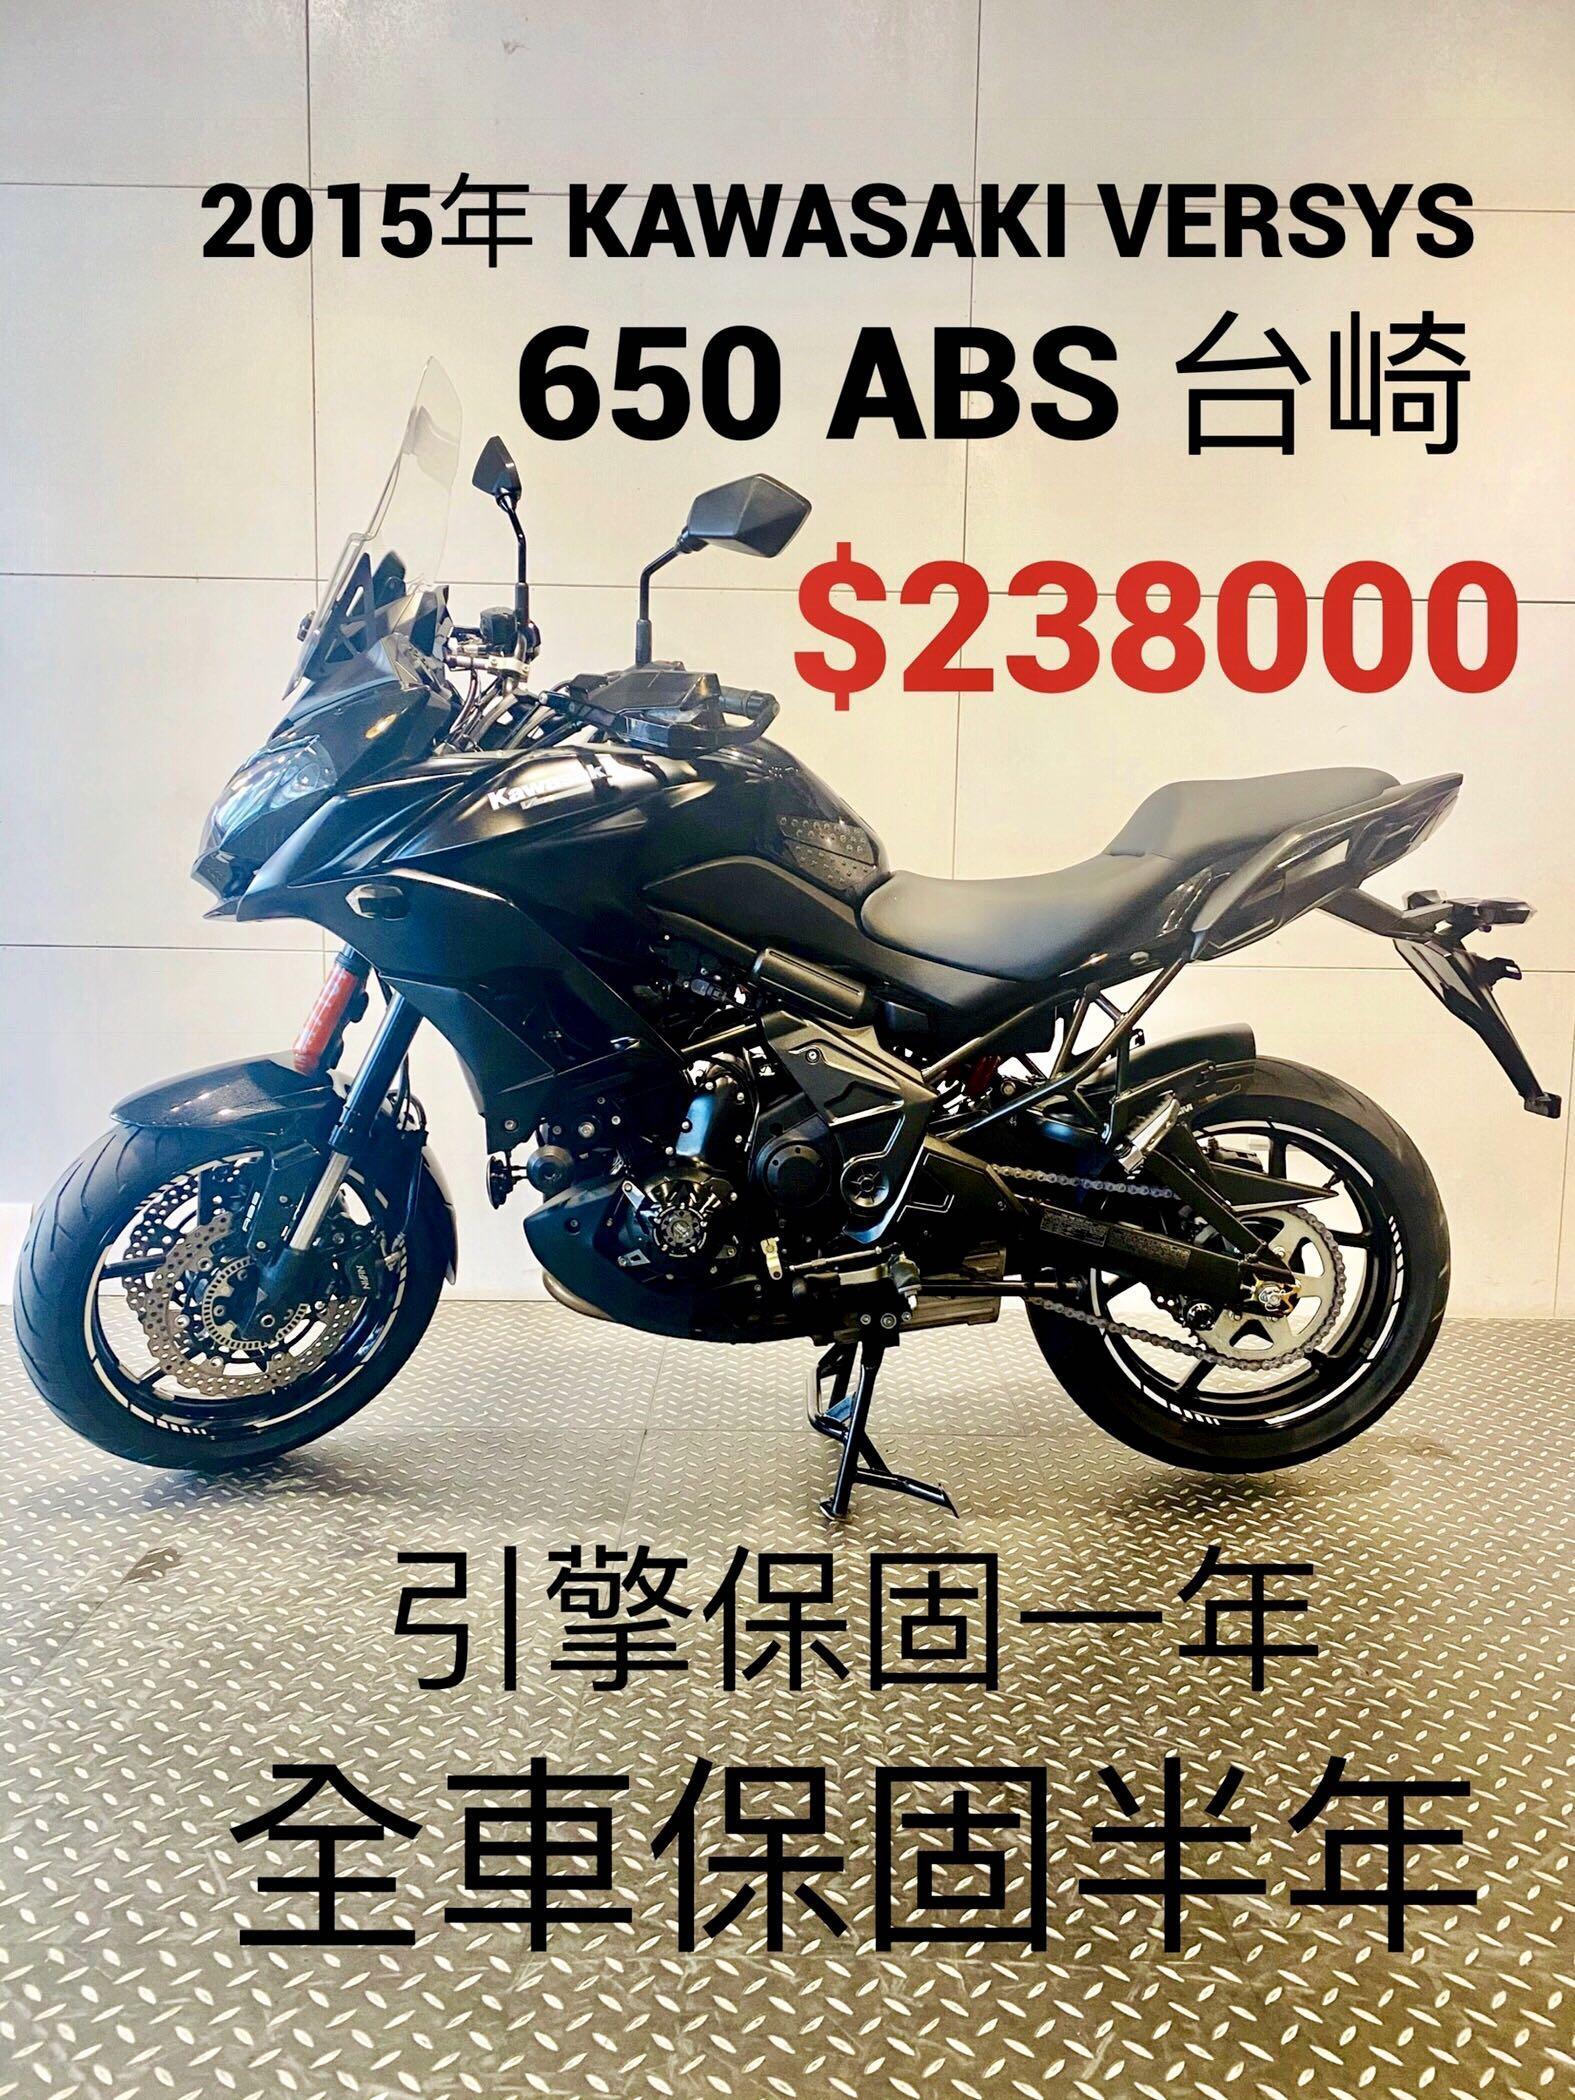 2015年 Kawasaki Versys 650 ABS 台崎 車況極優 可分期 免頭款 歡迎車換車 引擎保固一年 全車保固半年 多功能 DL650 可參考